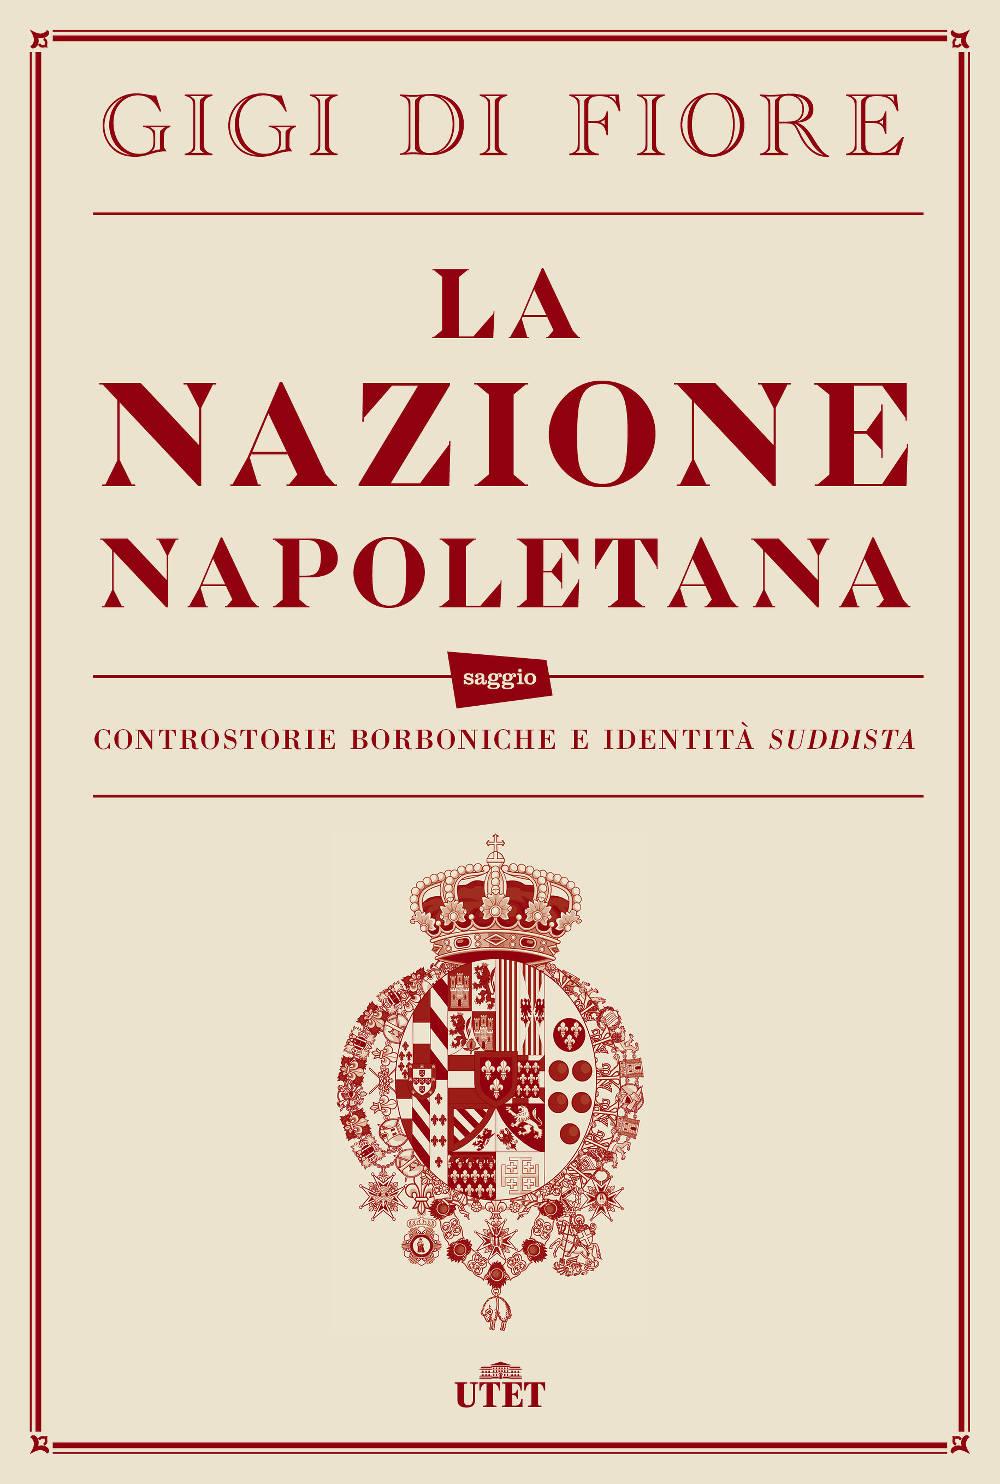 La-Nazione-napoletana_copertina